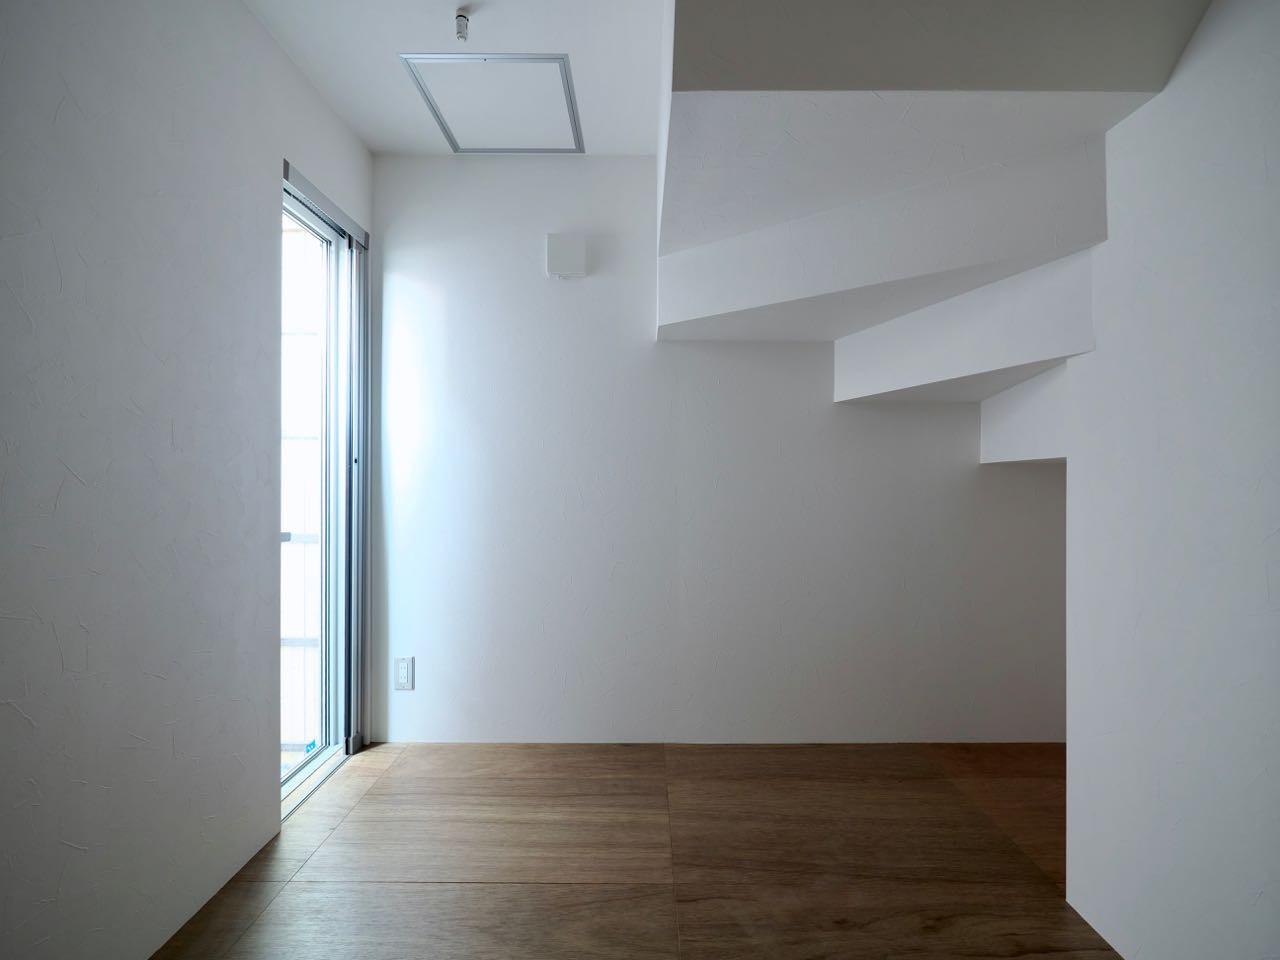 ベッドルーム事例:1階寝室(阿倍野の住宅:大阪の狭小住宅 3階建て)